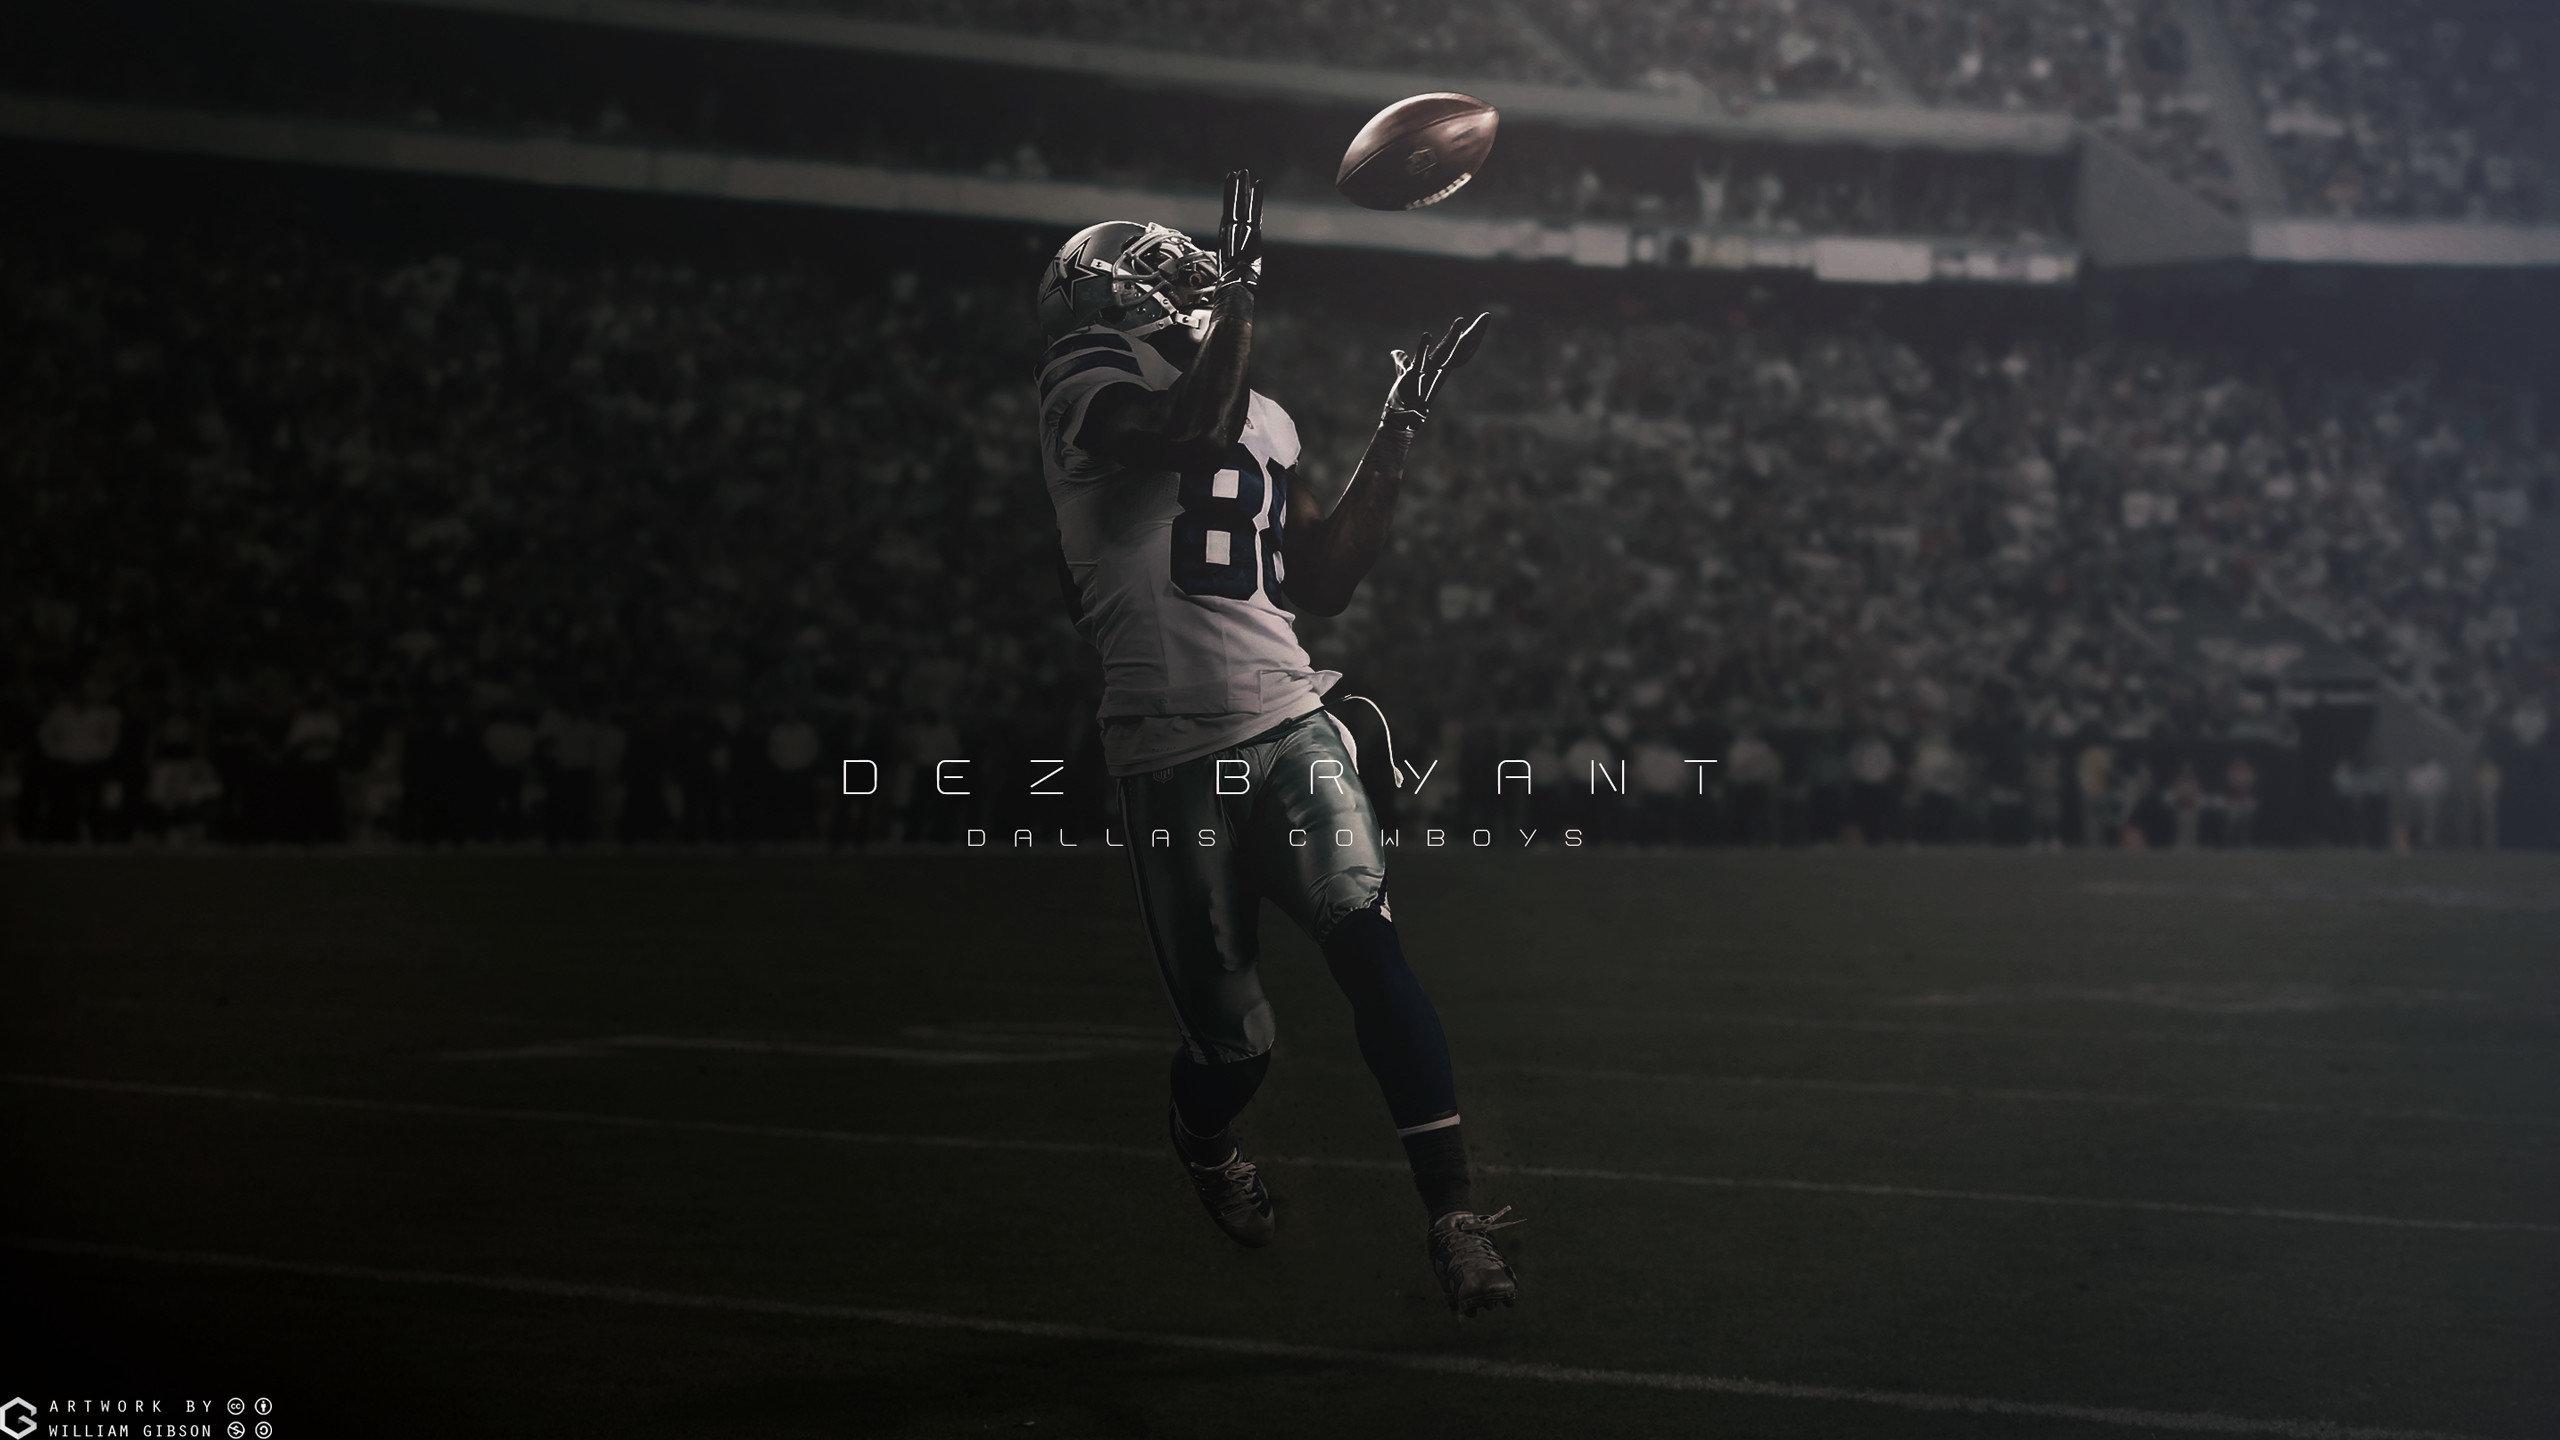 Awesome Dez Bryant Free Wallpaper Id - Dallas Cowboys Wallpaper Black - HD Wallpaper